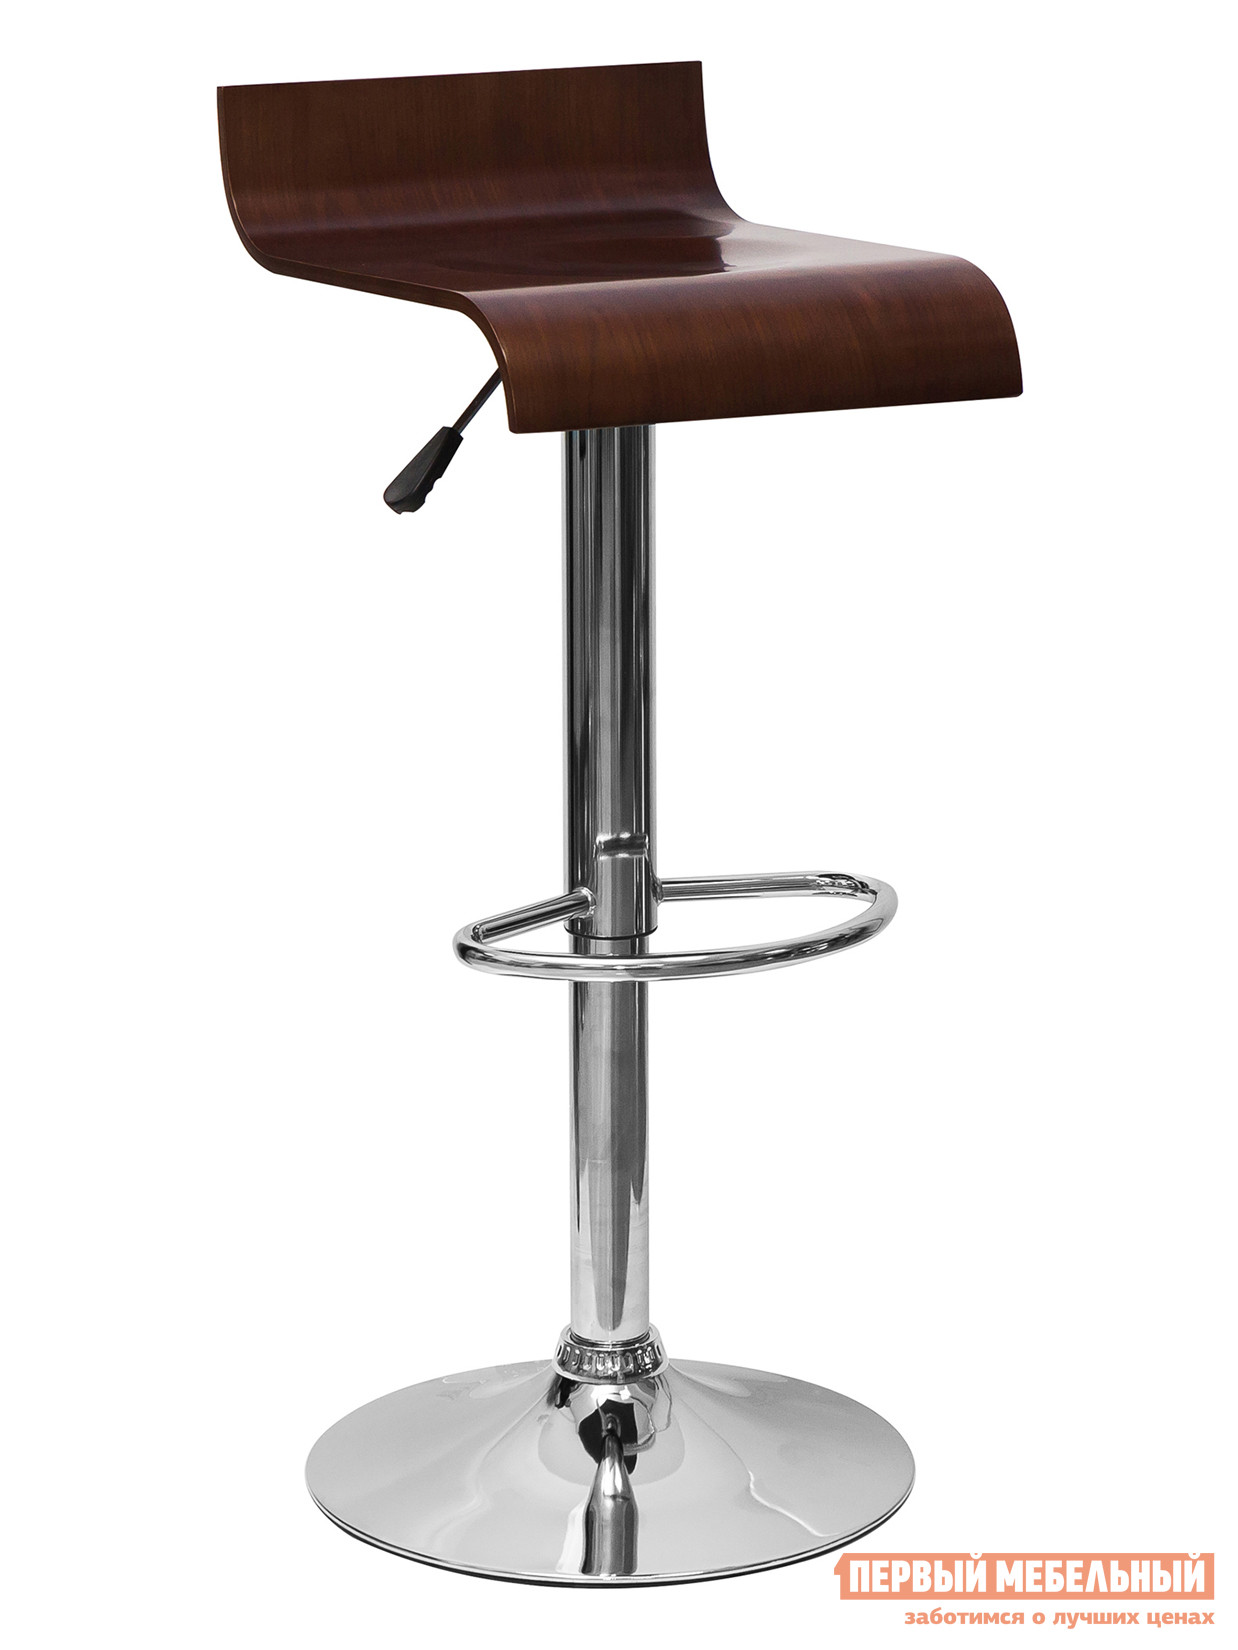 Барный стул Stool Group Стул барный Дублин барный стул ломоносов